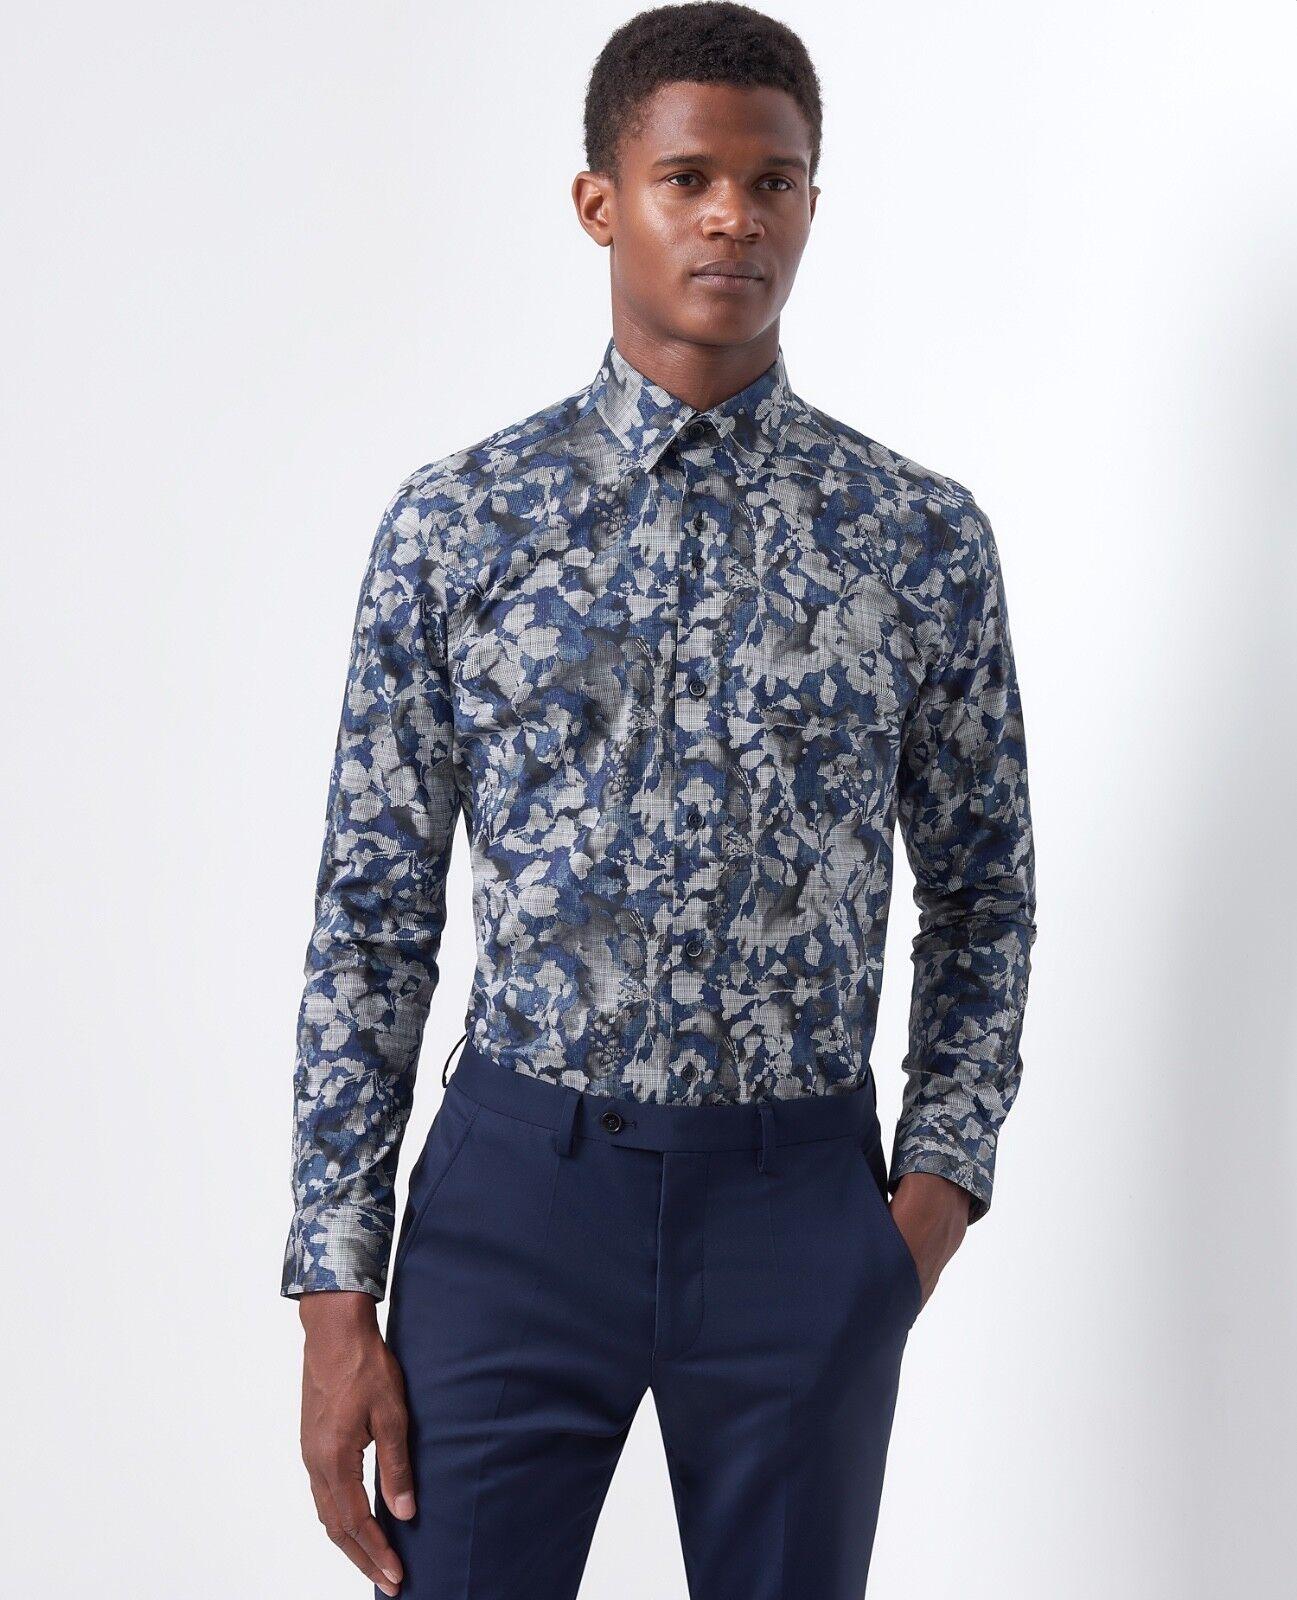 021e85d784df REMUS Uomo Rome Slim Printed Shirt/dark Blue - XXL Aw18 for sale ...